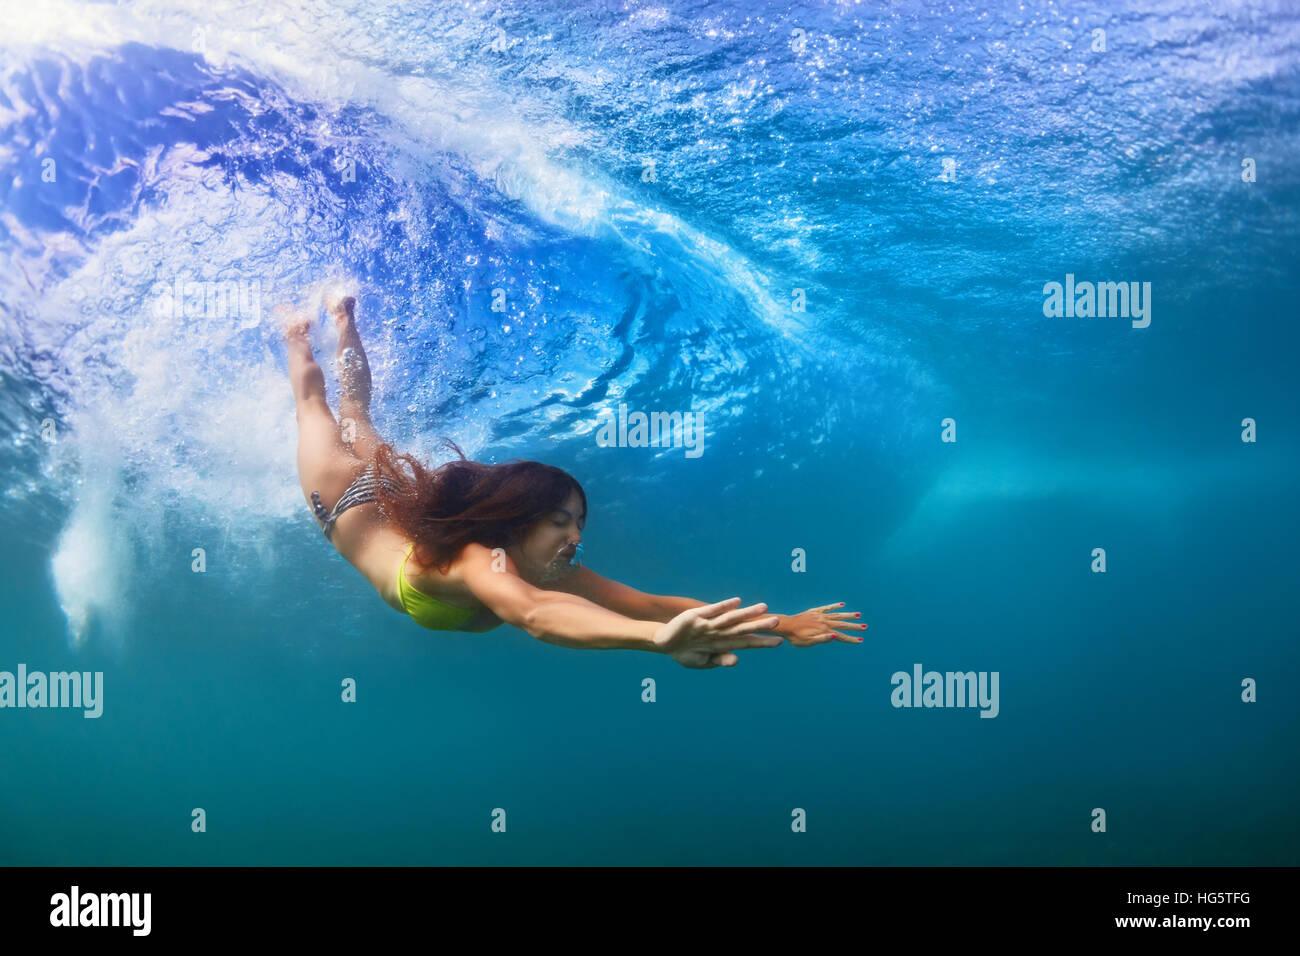 Jeune fille sportive en bikini en action. Fit woman nager sous l'eau, plonger sous la houle à l'effraction. Photo Stock